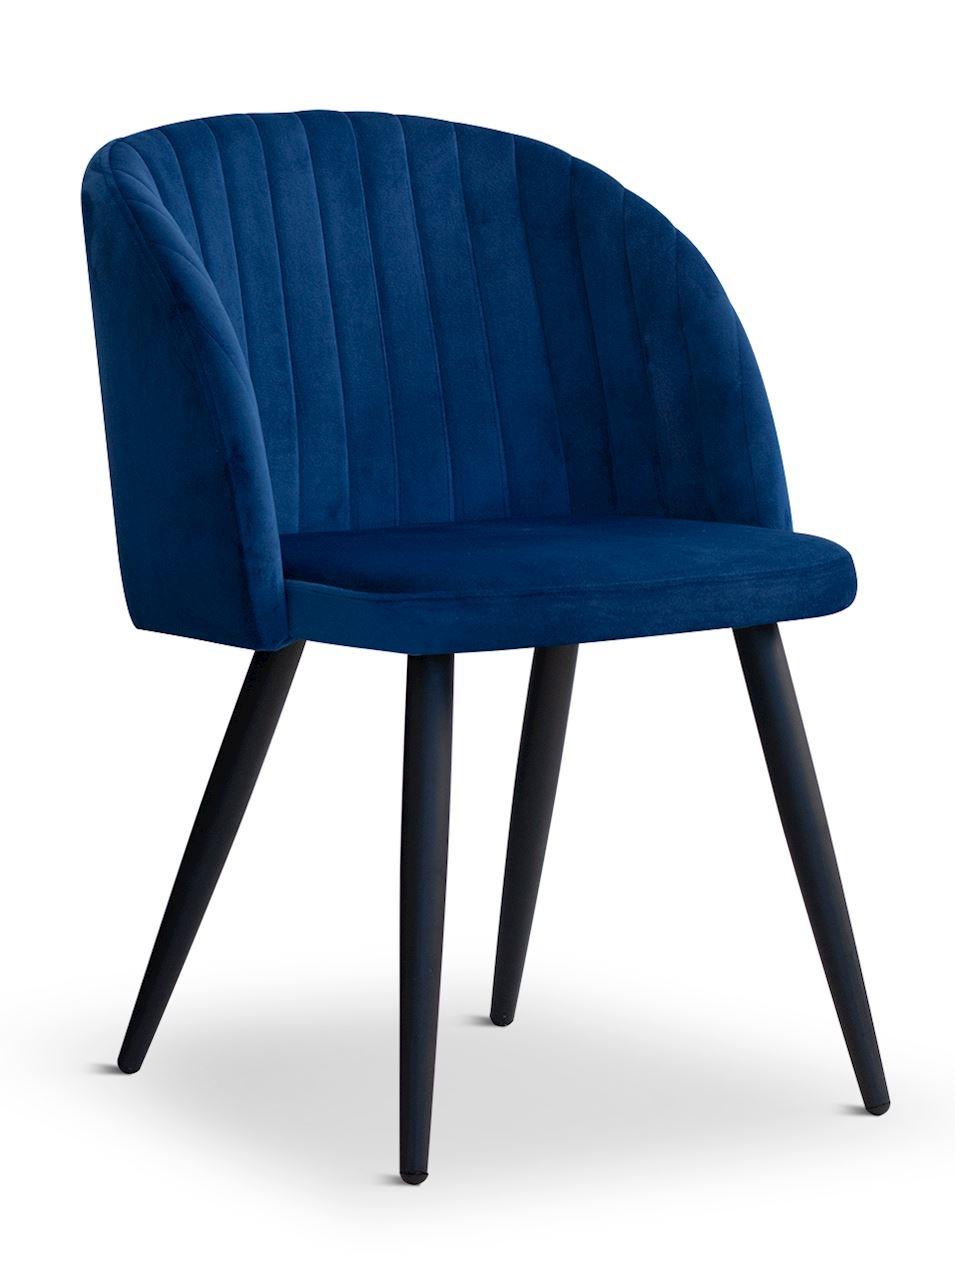 Scaun tapitat cu stofa, cu picioare metalice Adele Blue / Black, l57xA67xH83 cm